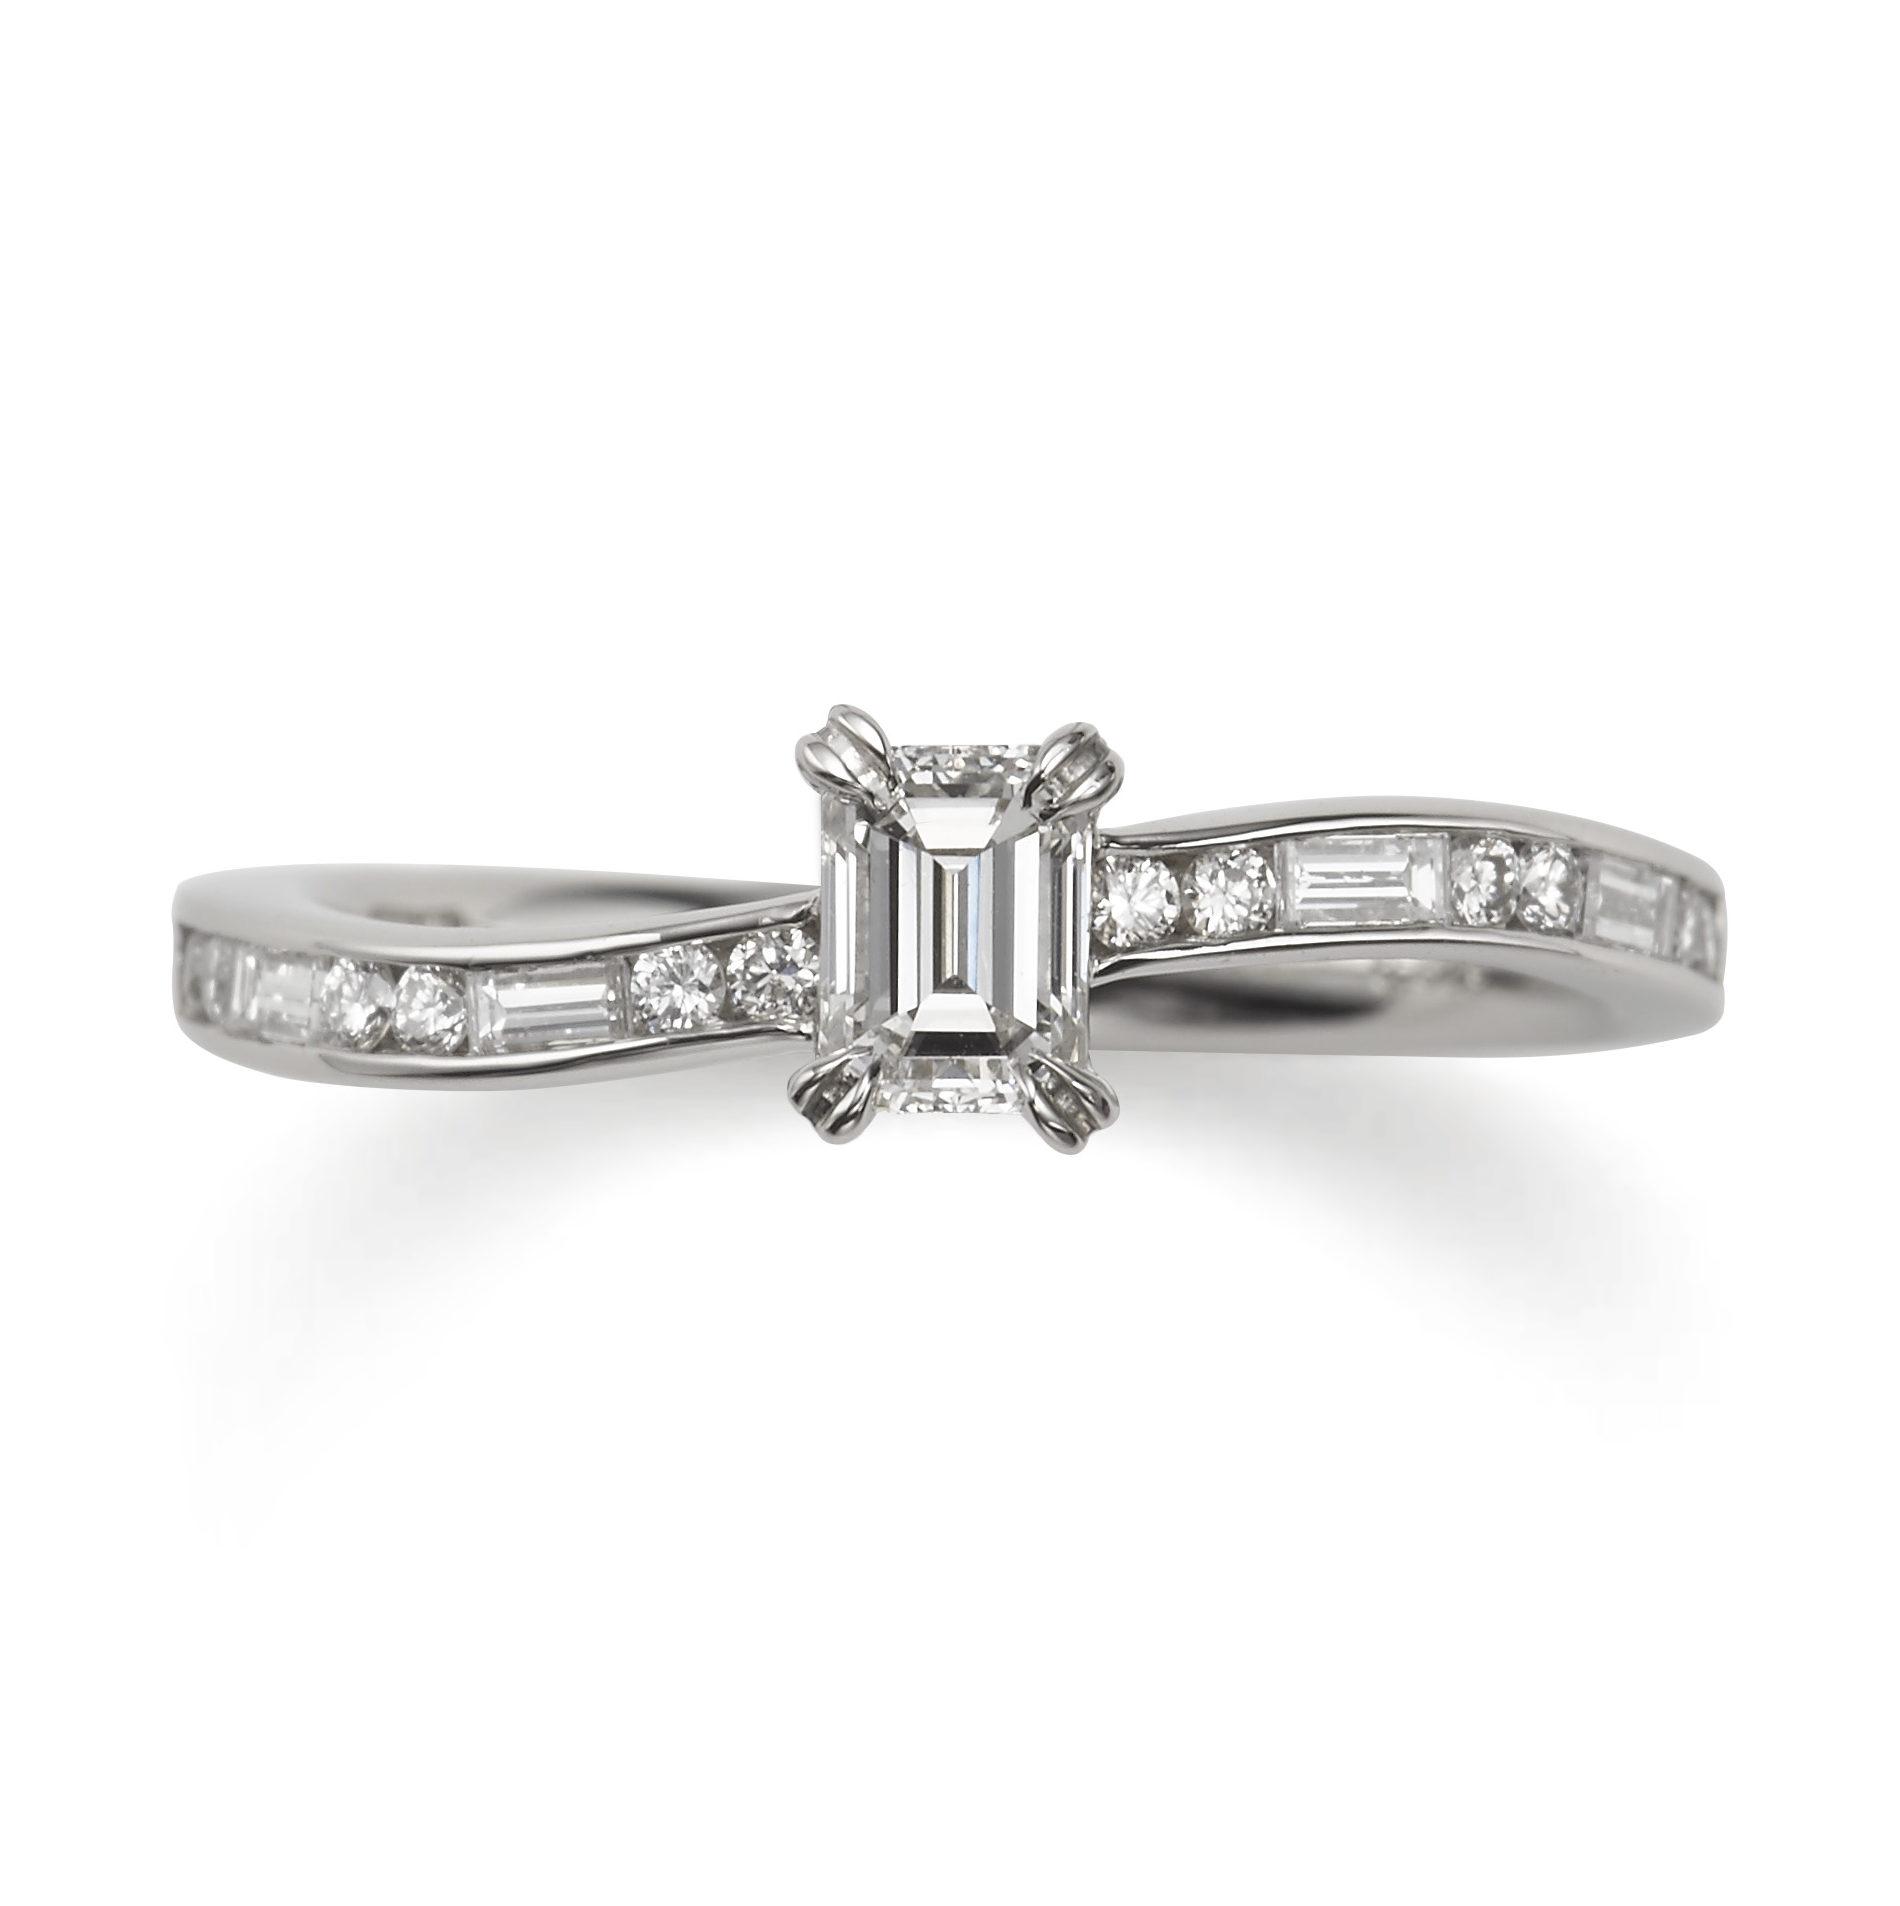 個性的 婚約指輪のサンダルウッド